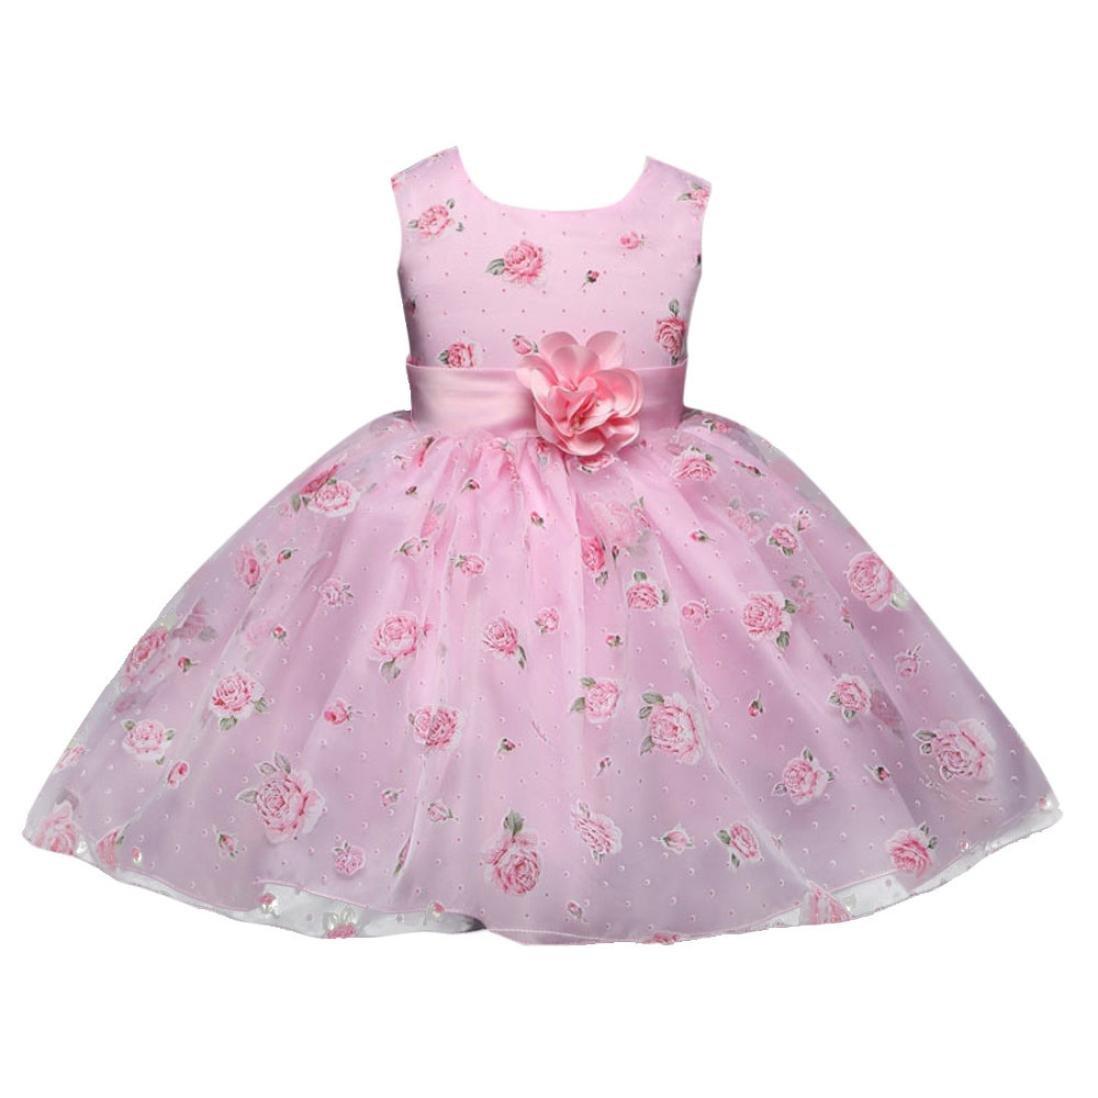 Prinzessin Kleid Mädchen Rosa Abendkleid Festlich Kleid ...